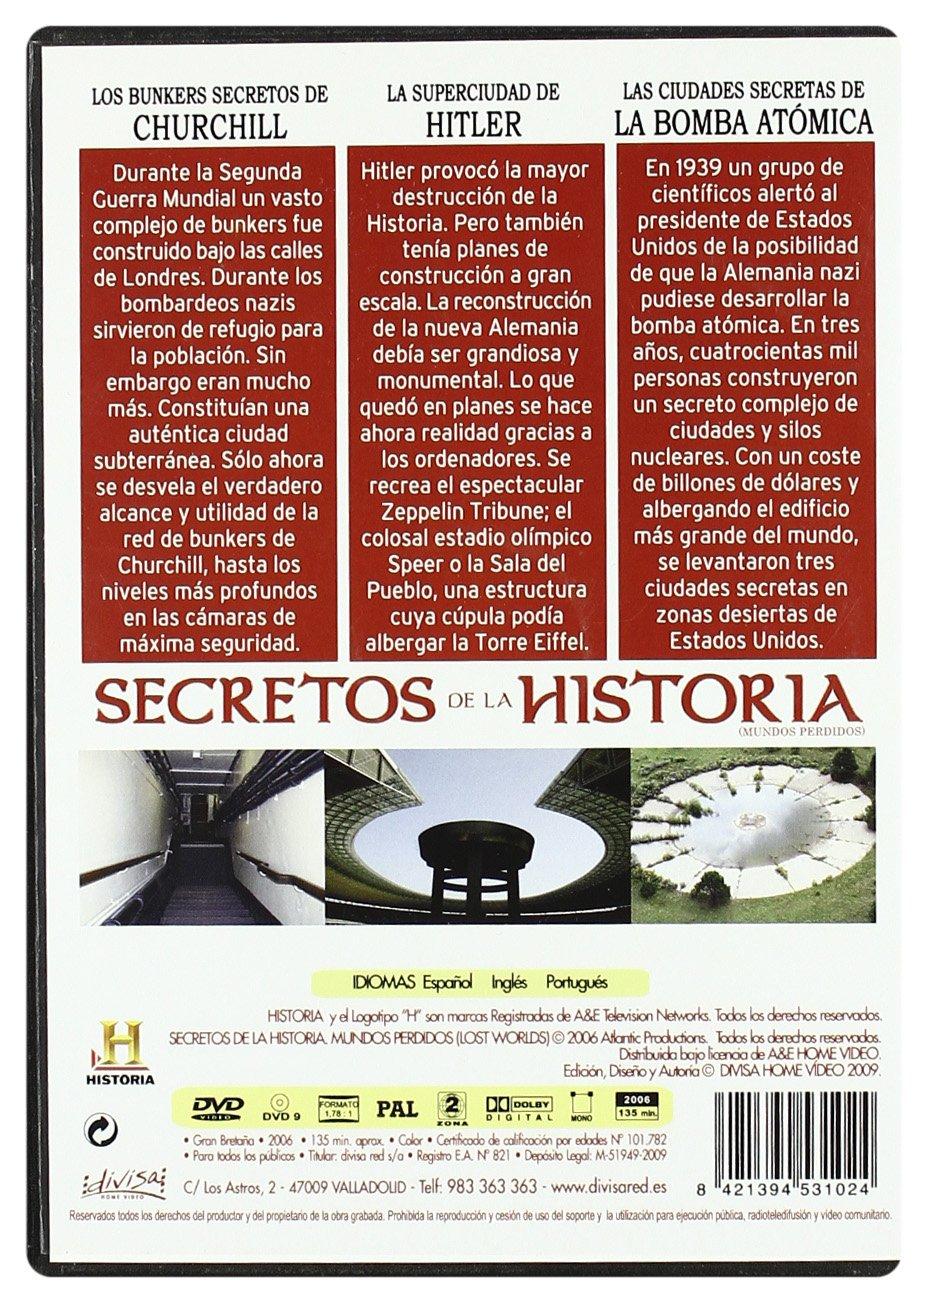 Secretos de la Historia. Mundos Perdidos 6 [DVD]: Amazon.es: GEORGE PAGLIERO, CHARLOTT: Cine y Series TV